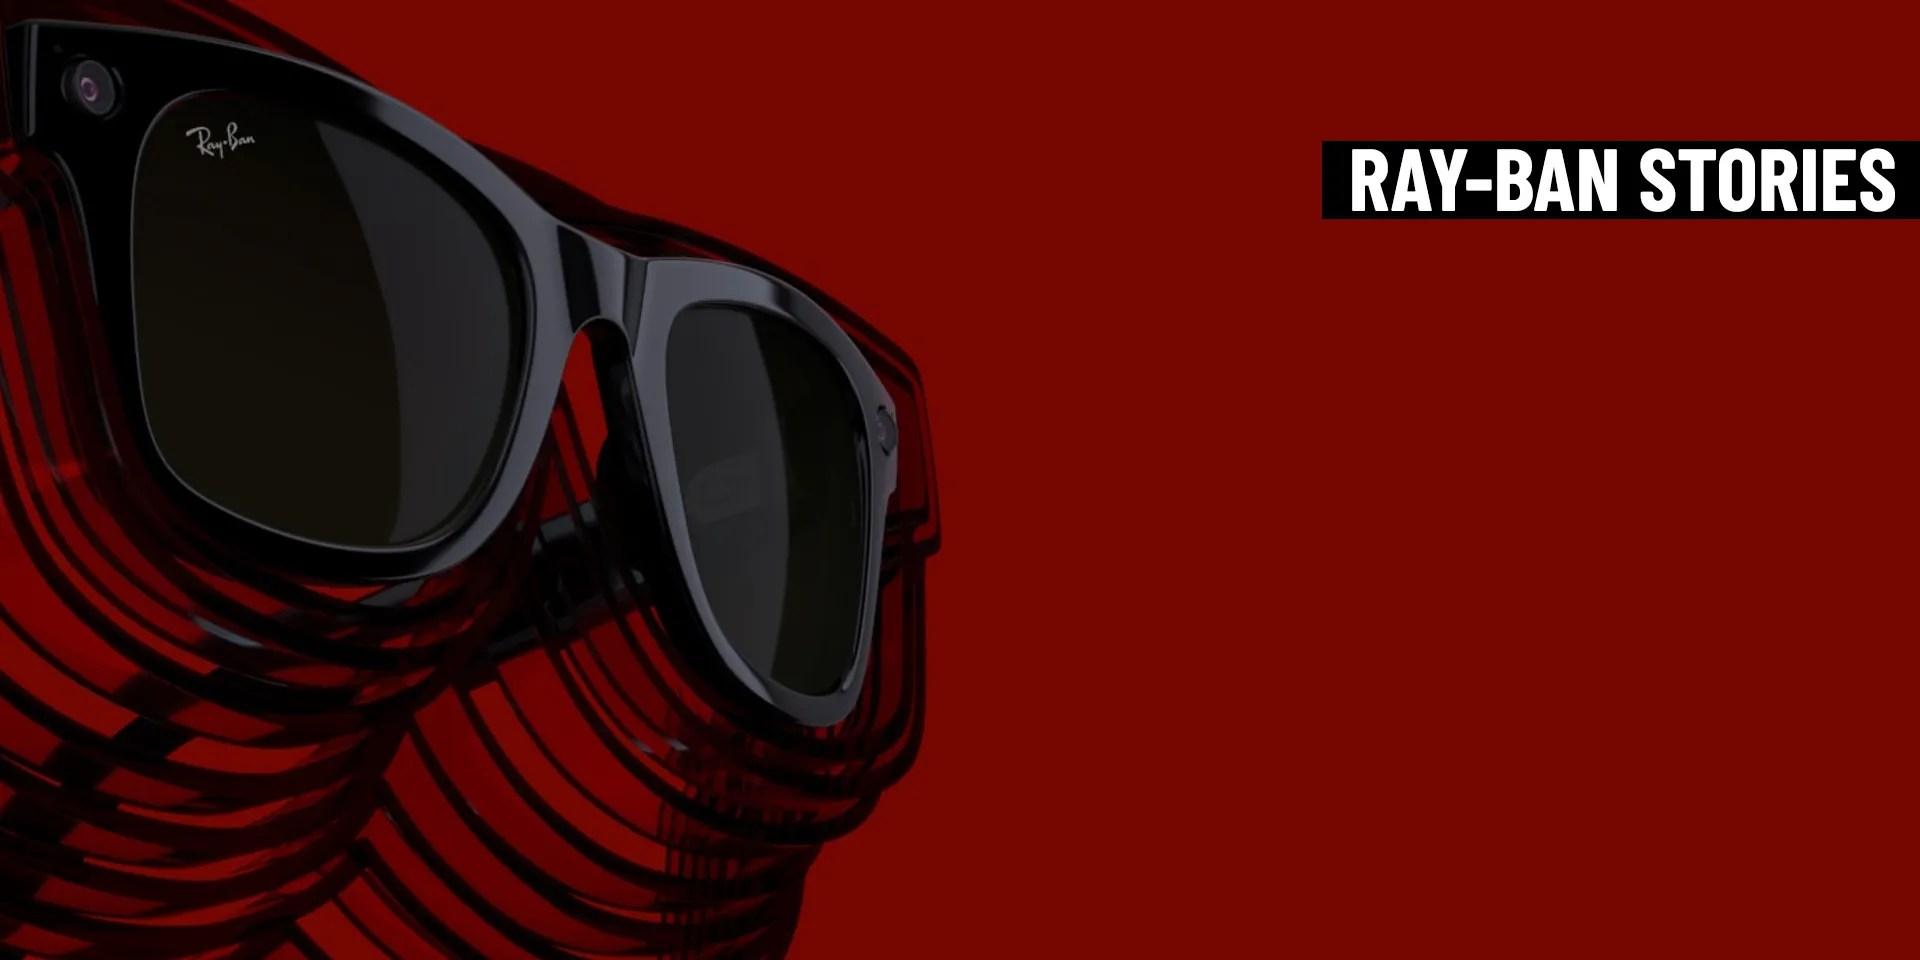 facebook-rayban-lanciano-ray-ban-stories